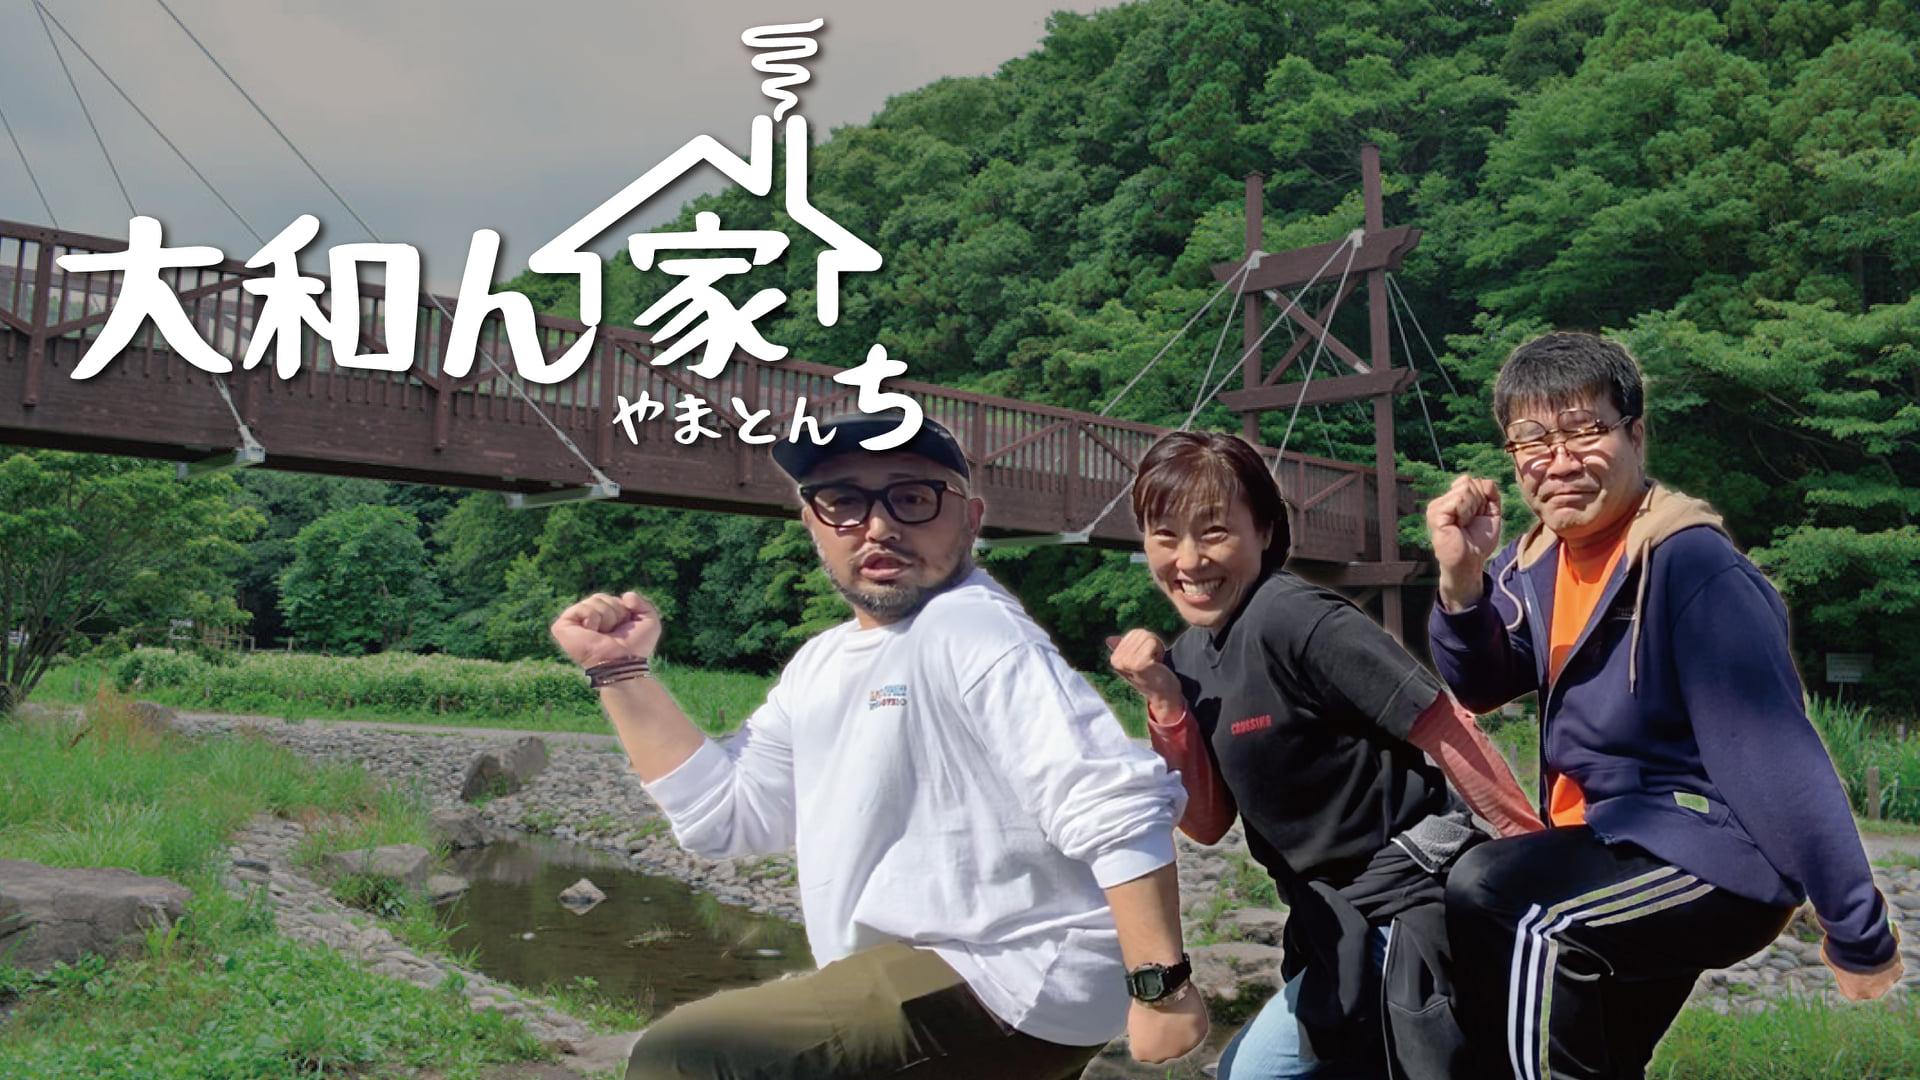 石井直樹のお気楽ブログ385:大和市ローカルYouTubeチャンネル【大和ん家】開設したよ~